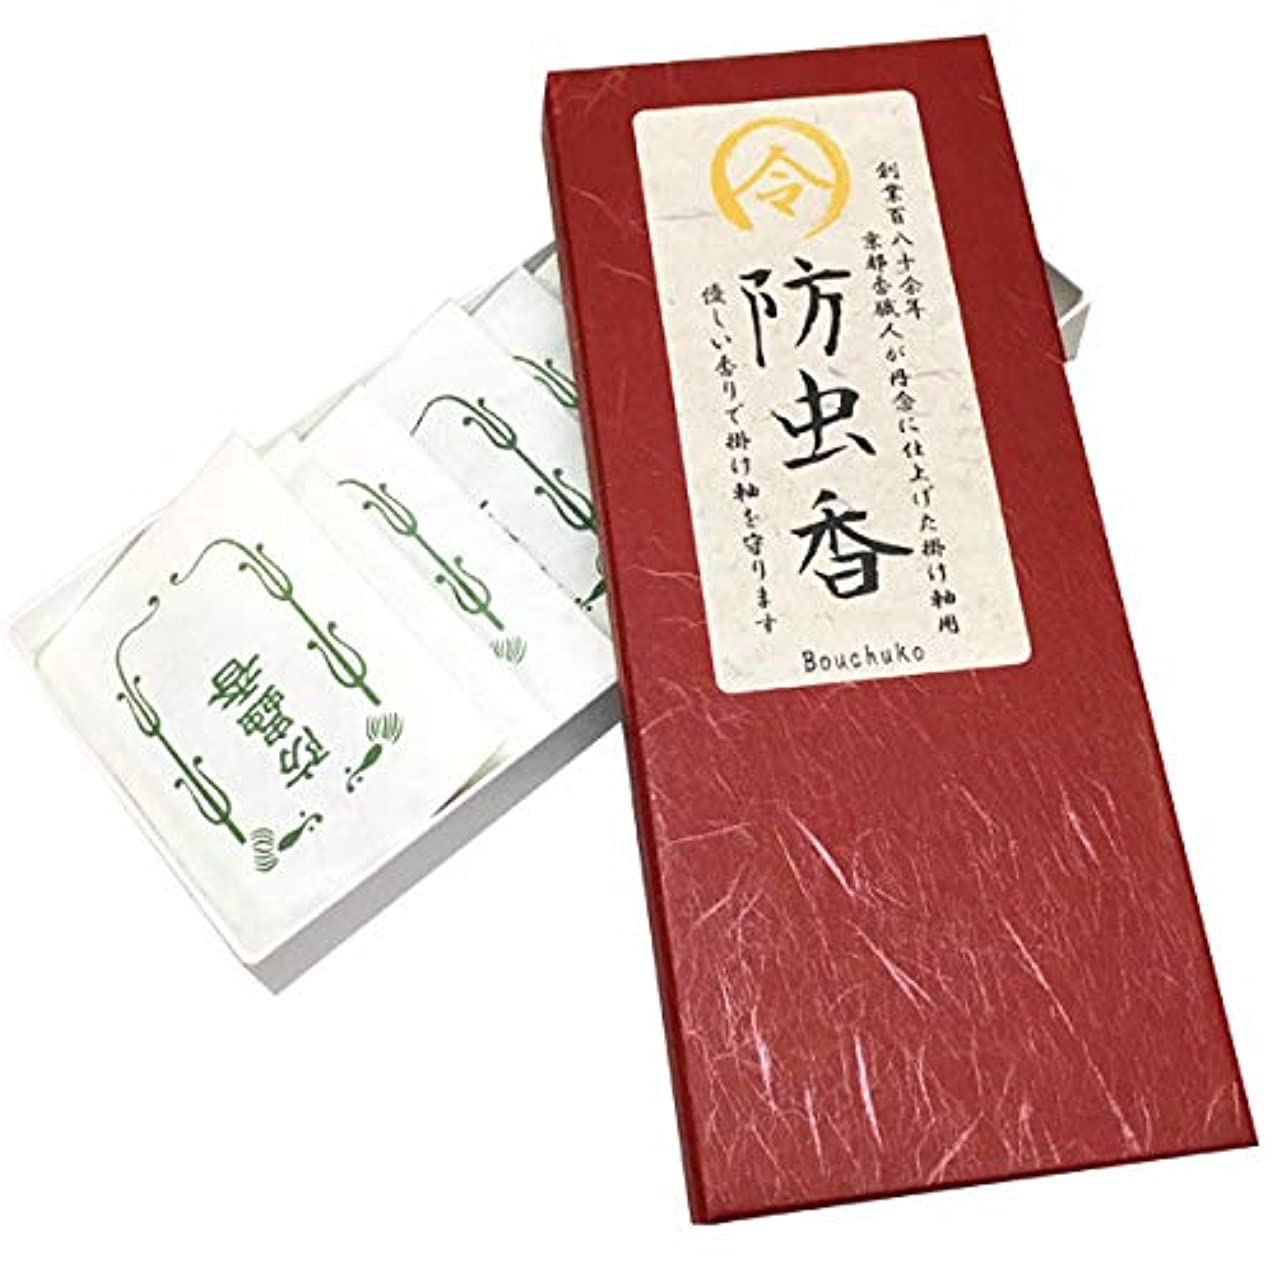 良さ愛国的な道徳の掛け軸用 表具用 高級香 令和印の掛軸防虫香(白檀香) 1箱10袋入り